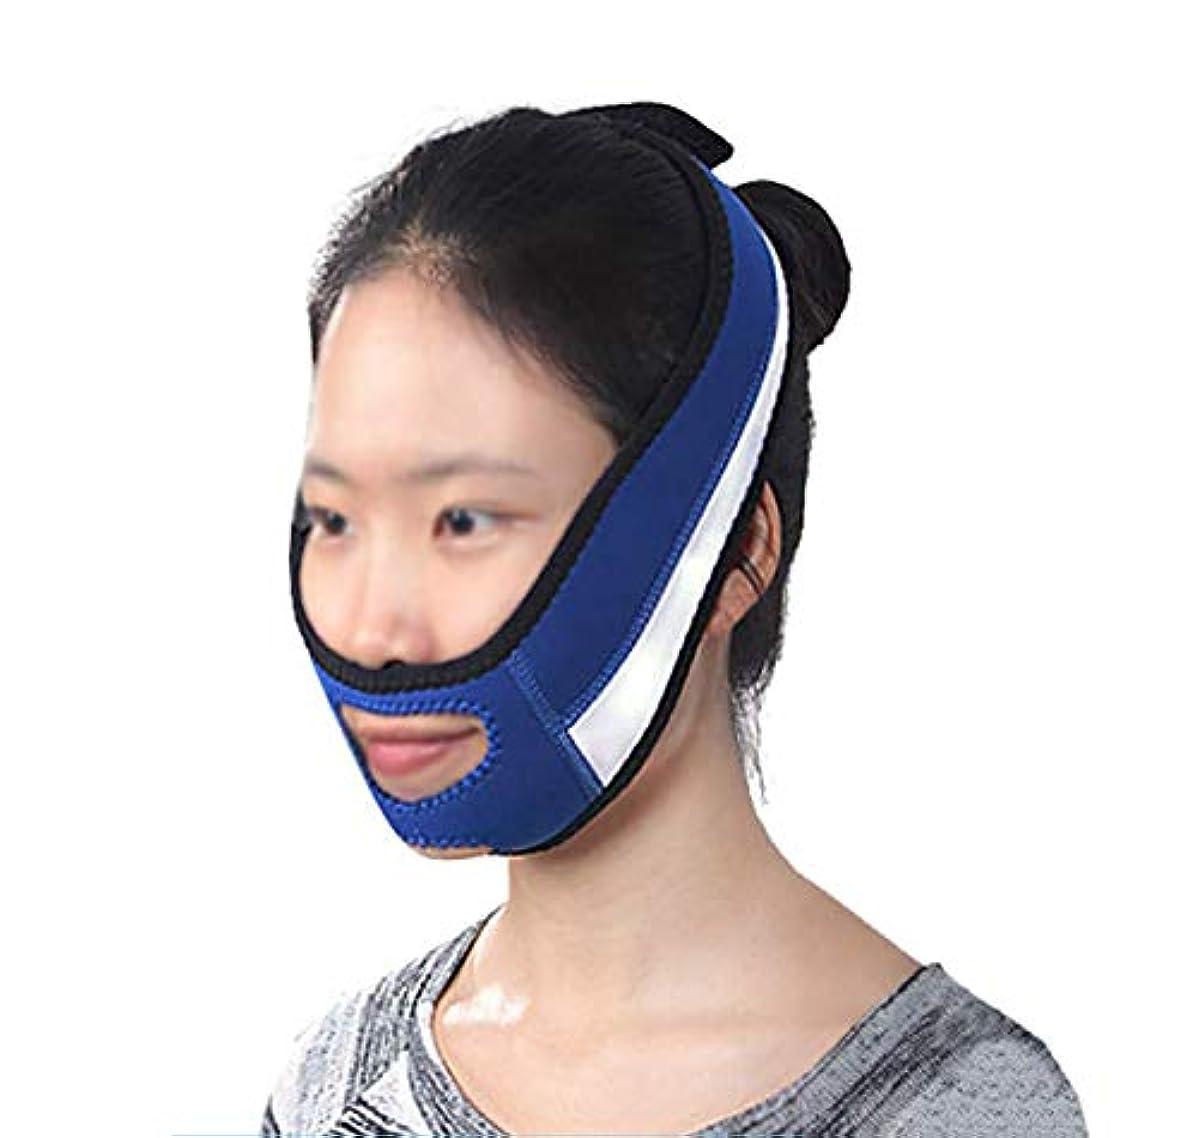 怖がらせる蒸留するソート薄い顔包帯フェイススリム二重あごを取り除きますVラインフェイスシェイプを作成チンチークリフトアップアンチリンクルリフティングベルトフェイスマッサージツール女性と女の子